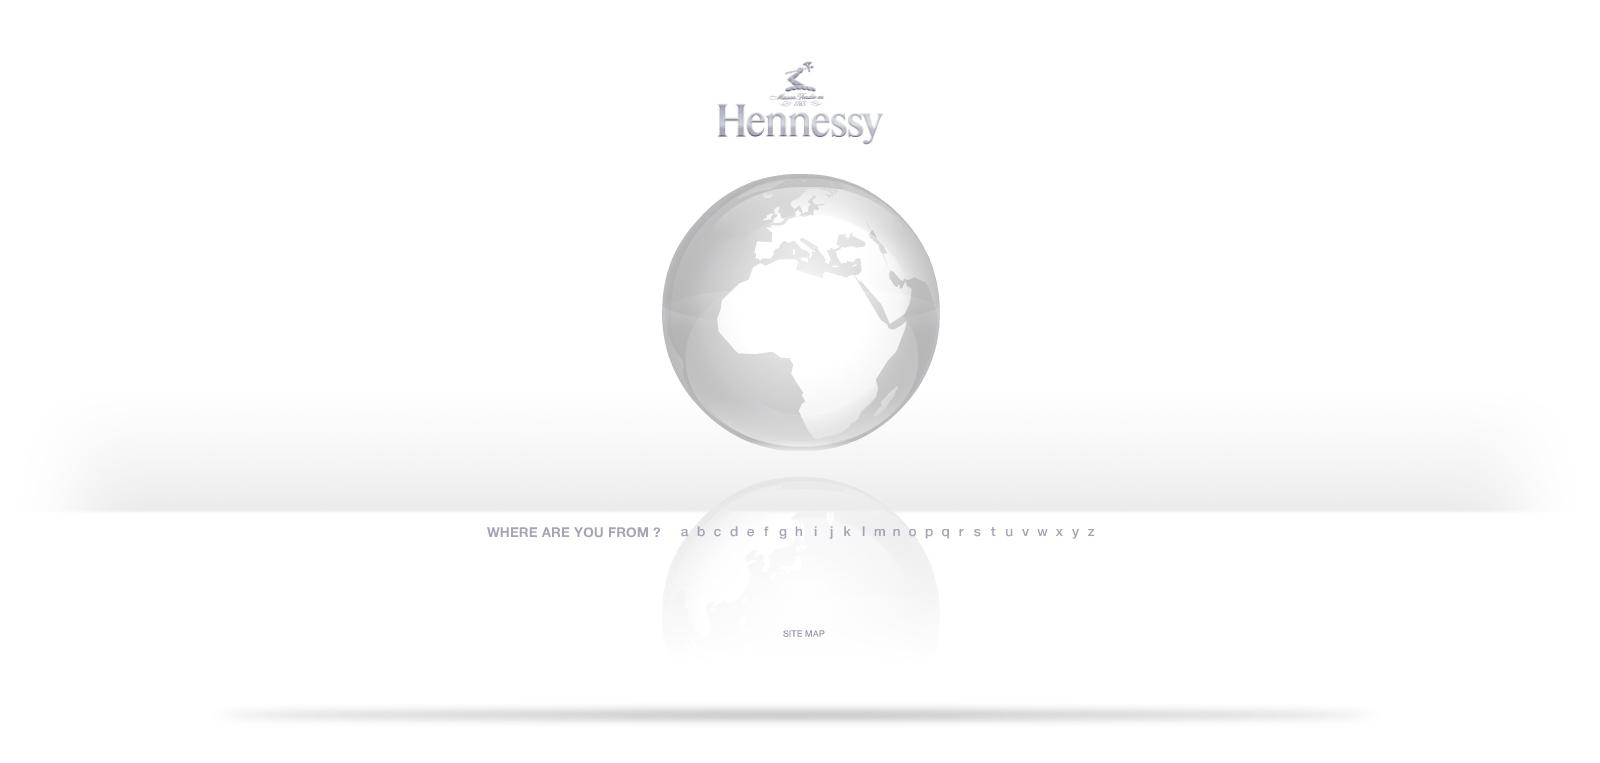 hennessy-1